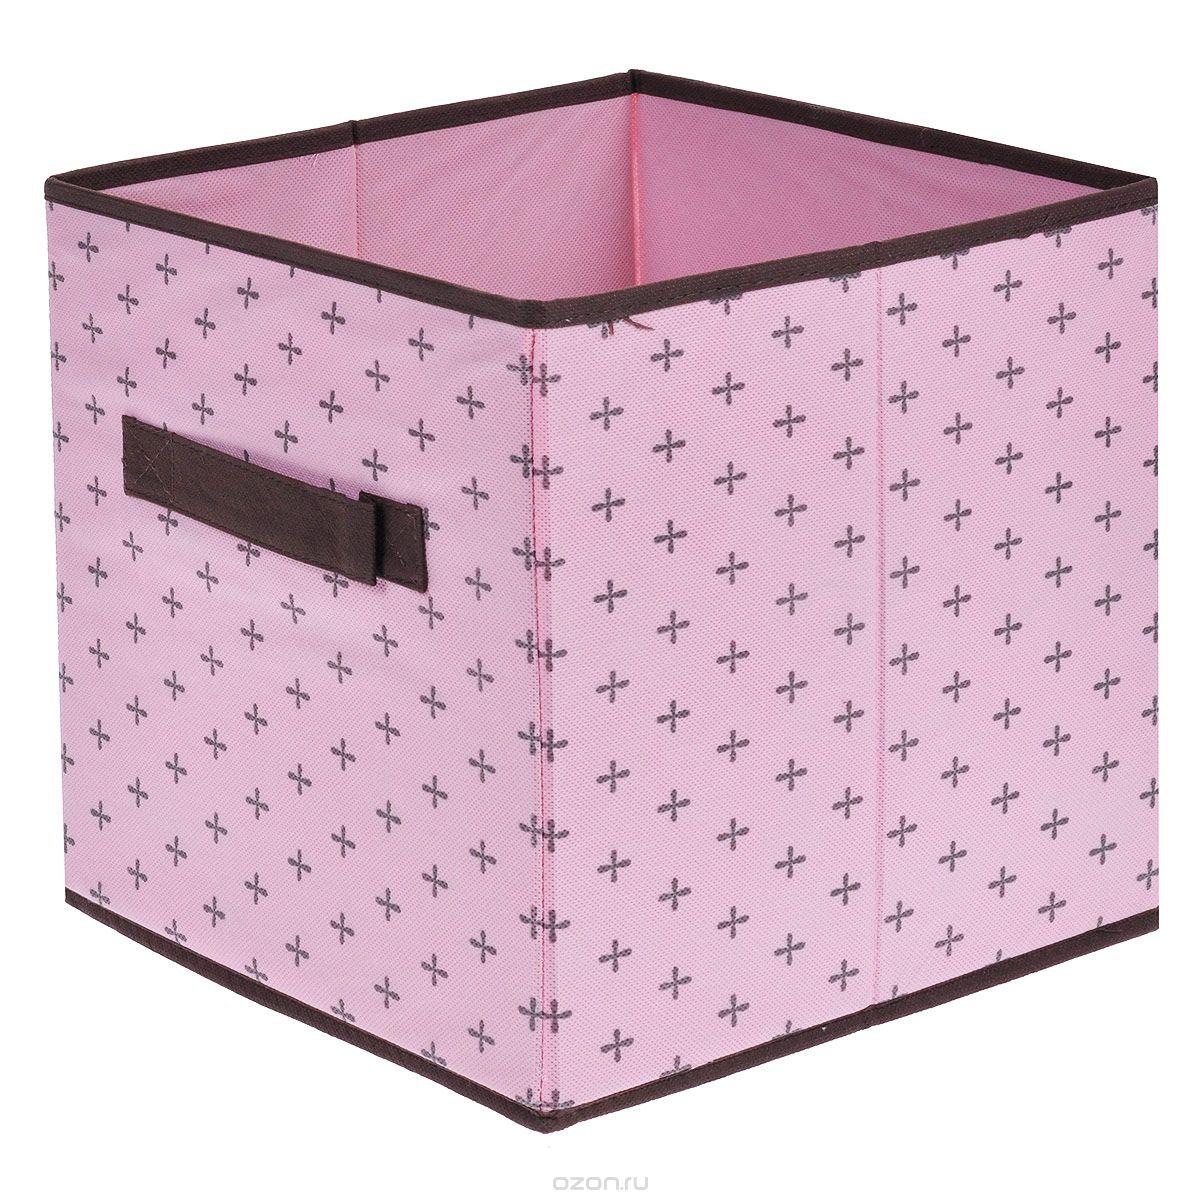 Ящик для хранения FS-6131R, цвет: розовый, 26 см х 26 см х 26 смFS-6131RЯщик FS-6131R предназначен для хранения и транспортировки вещей, изготовлен из нетканого материала высокого качества. Для удобства в обращении есть ручка. Особая фактура ткани не пропускает пыль и при этом позволяет воздуху свободно проникать внутрь, обеспечивая естественную вентиляцию. Материал легок, удобен и не образует складок. Особая конструкция позволяет при необходимости одним движением сложить или разложить ящик. Характеристики: Материал: нетканый материал.Размер: 26 см х 26 см х 26 см.